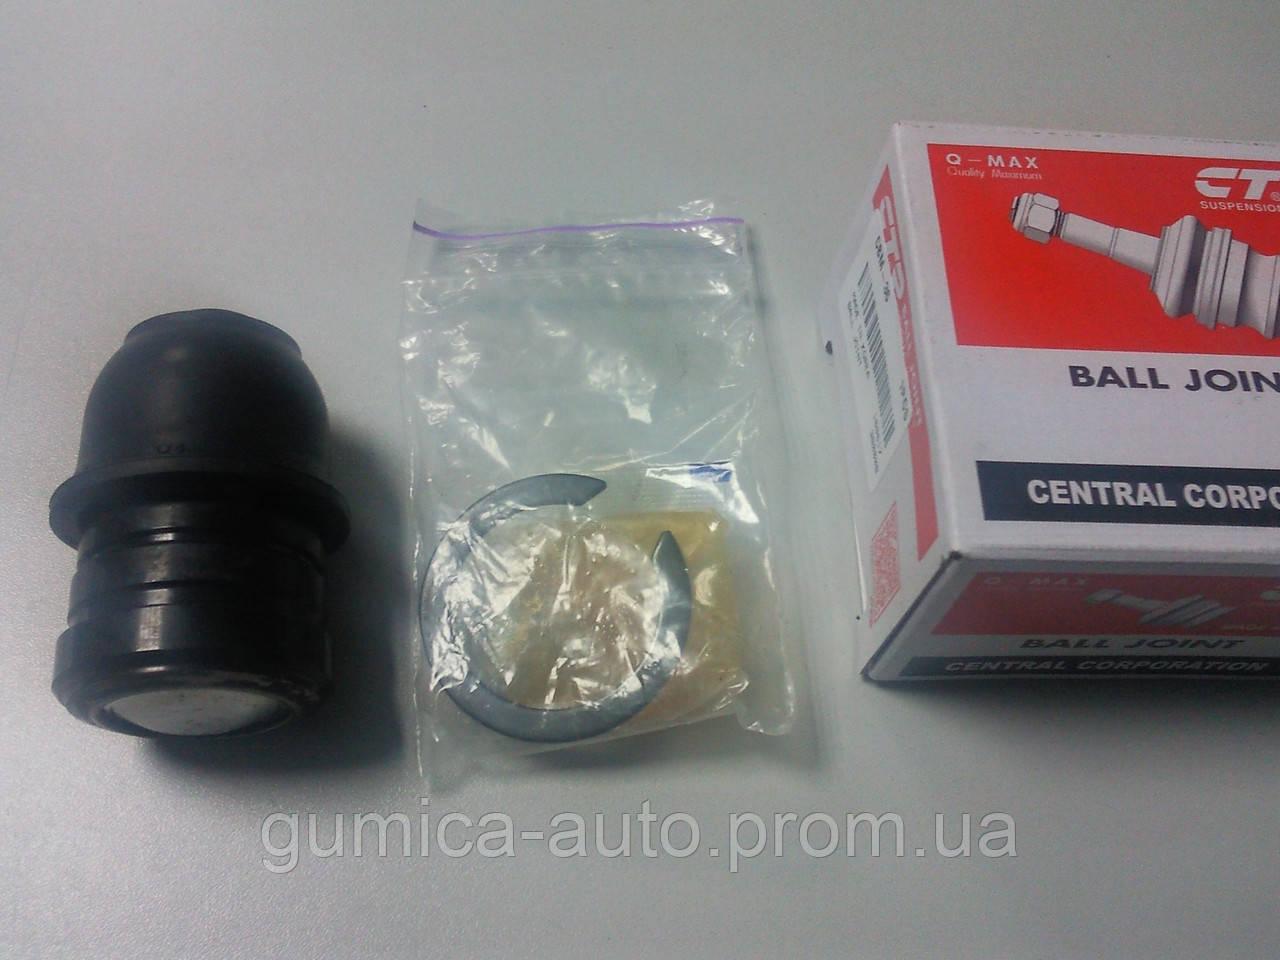 Шаровая опора Mitsubishi Lancer X, Outlander - Автомагазин Гумиця 0445921427, 0677487222 в Киеве